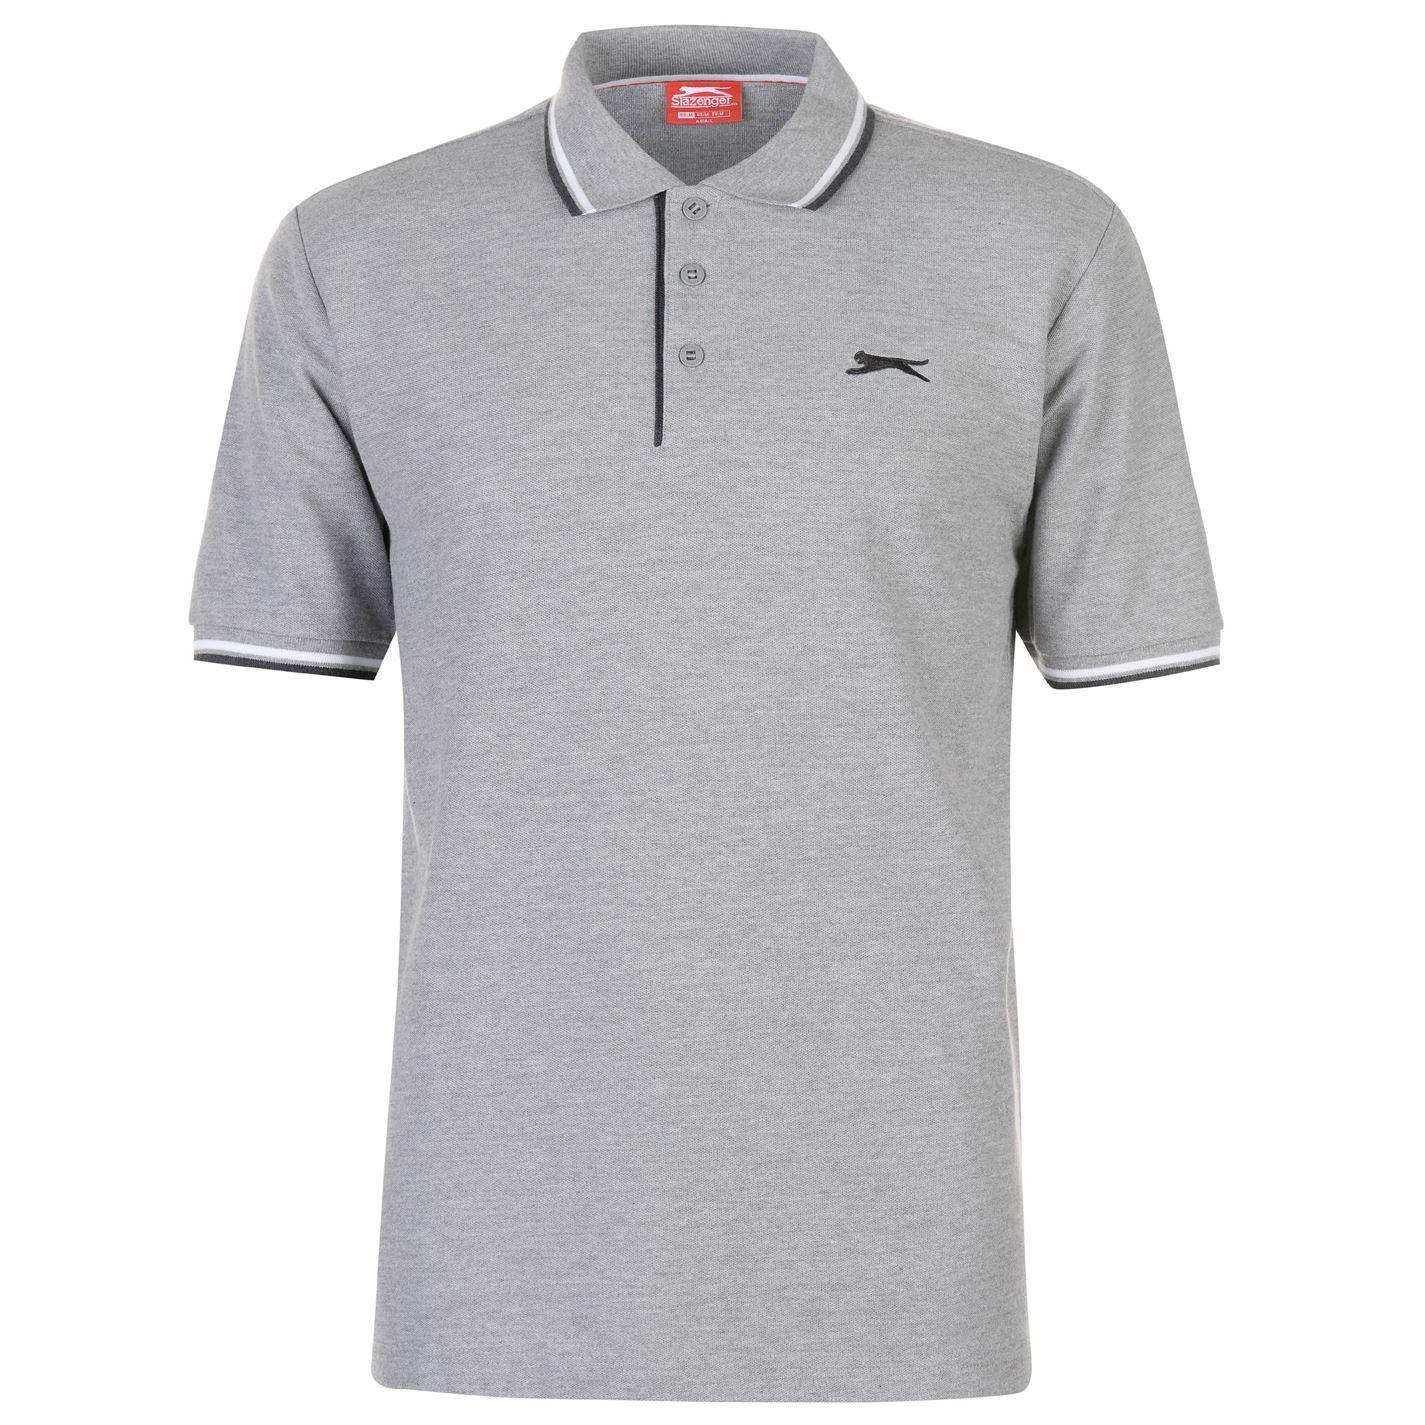 Slazenger-Polo-Camisa-de-hombre-con-cuello-con-Punta-T-Shirt-Top-Camiseta-Tee miniatura 35